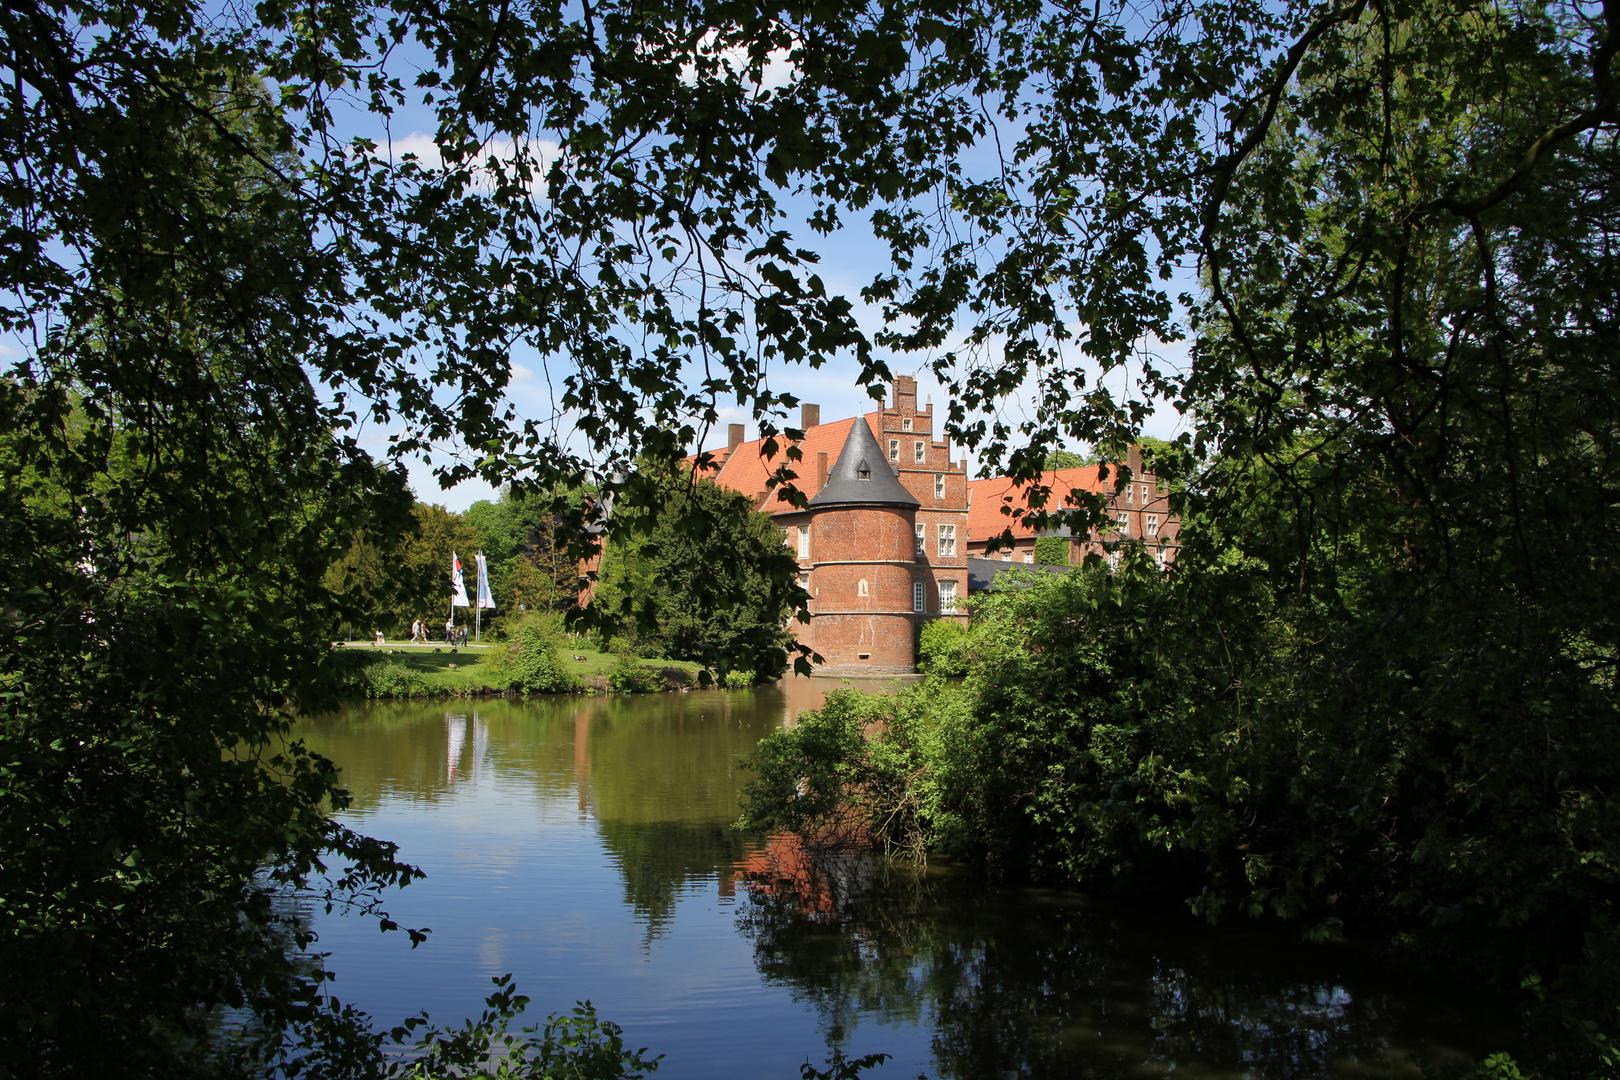 Wasserschloss Herten